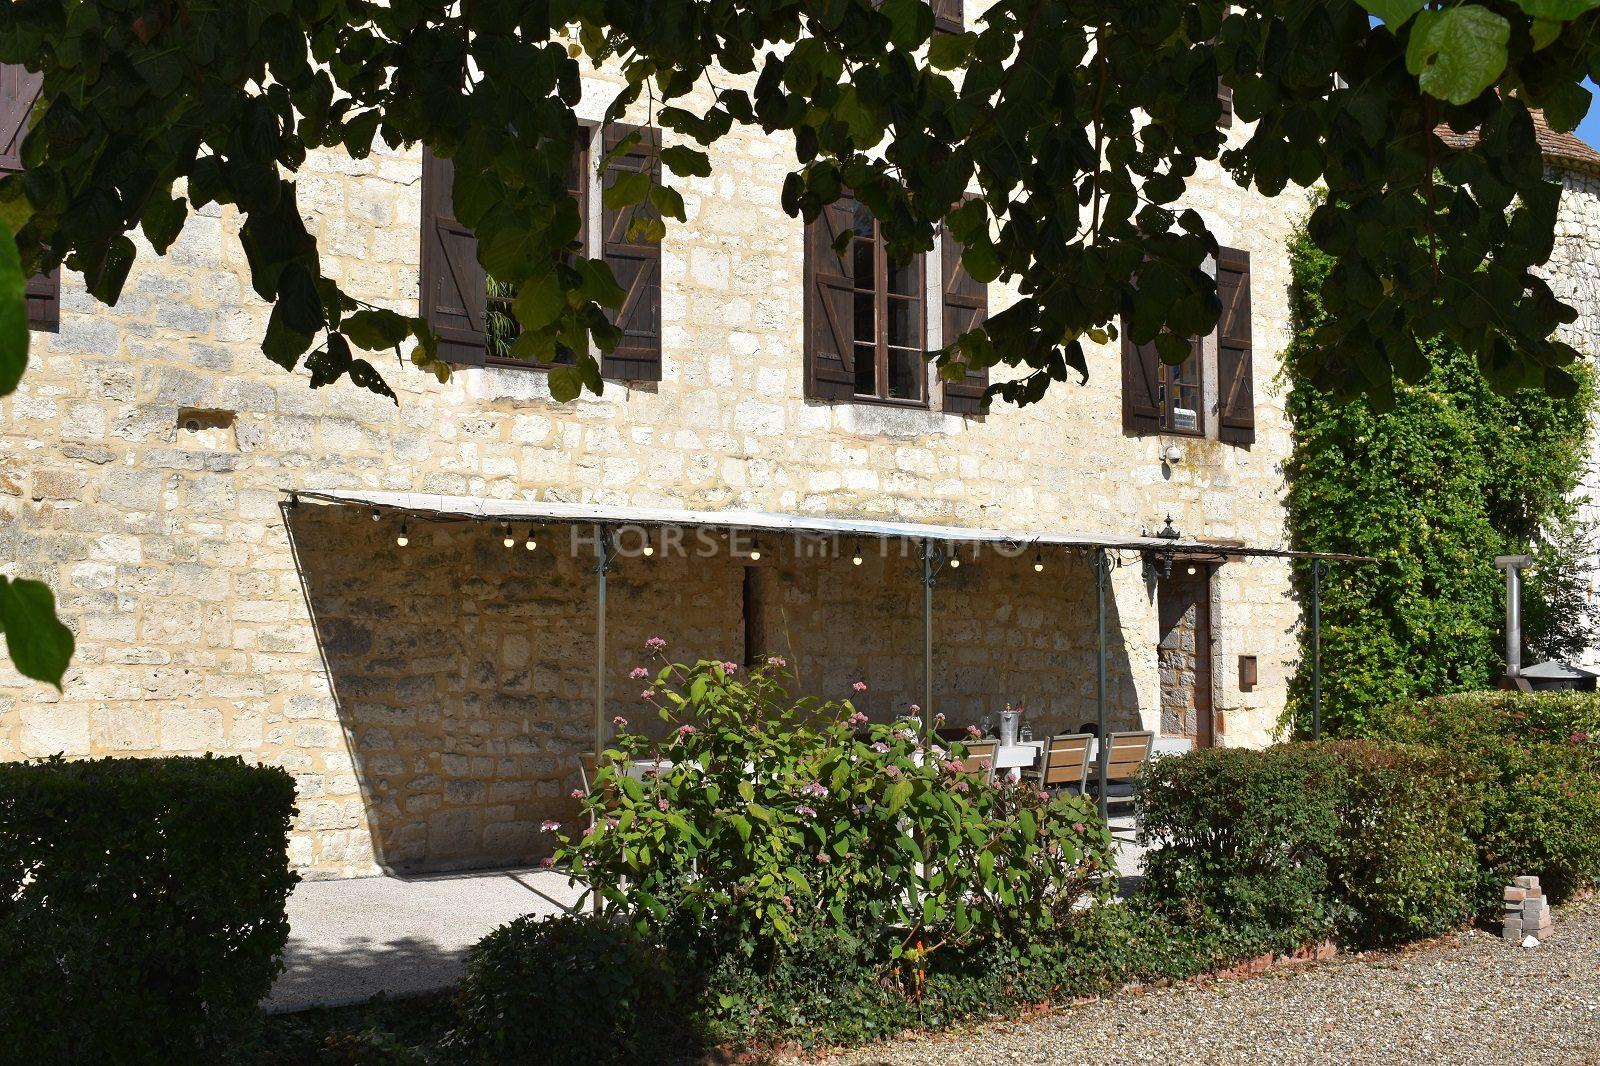 1615905960 VM1712 6 original - Château de 340m² sur 3.5ha à 15 min de Bergerac